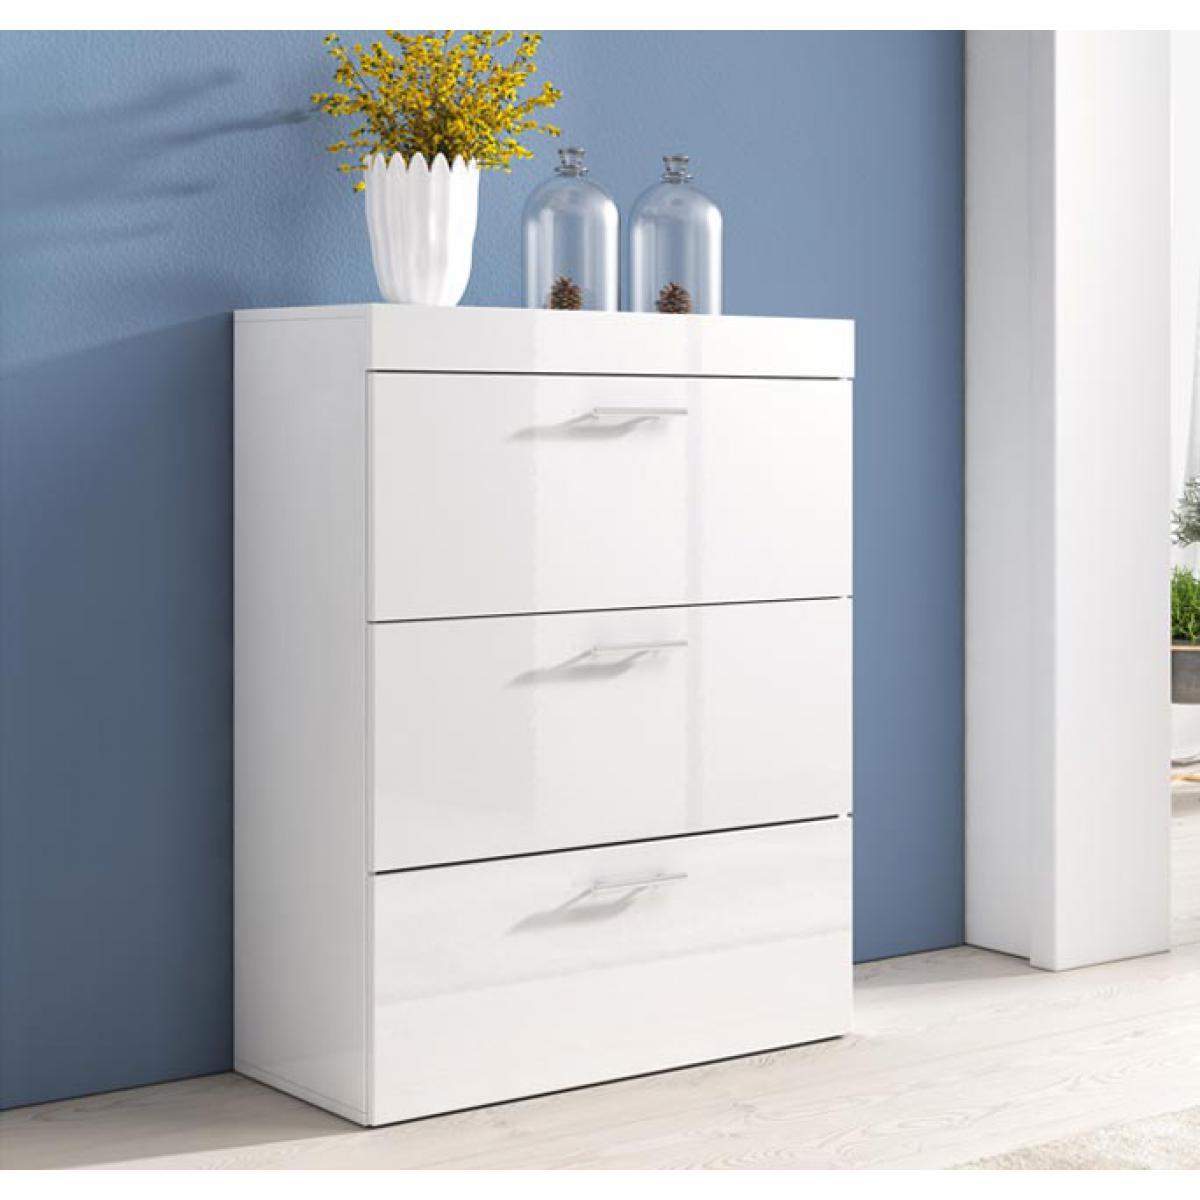 Design Ameublement Commode Dalia en couleur blanc